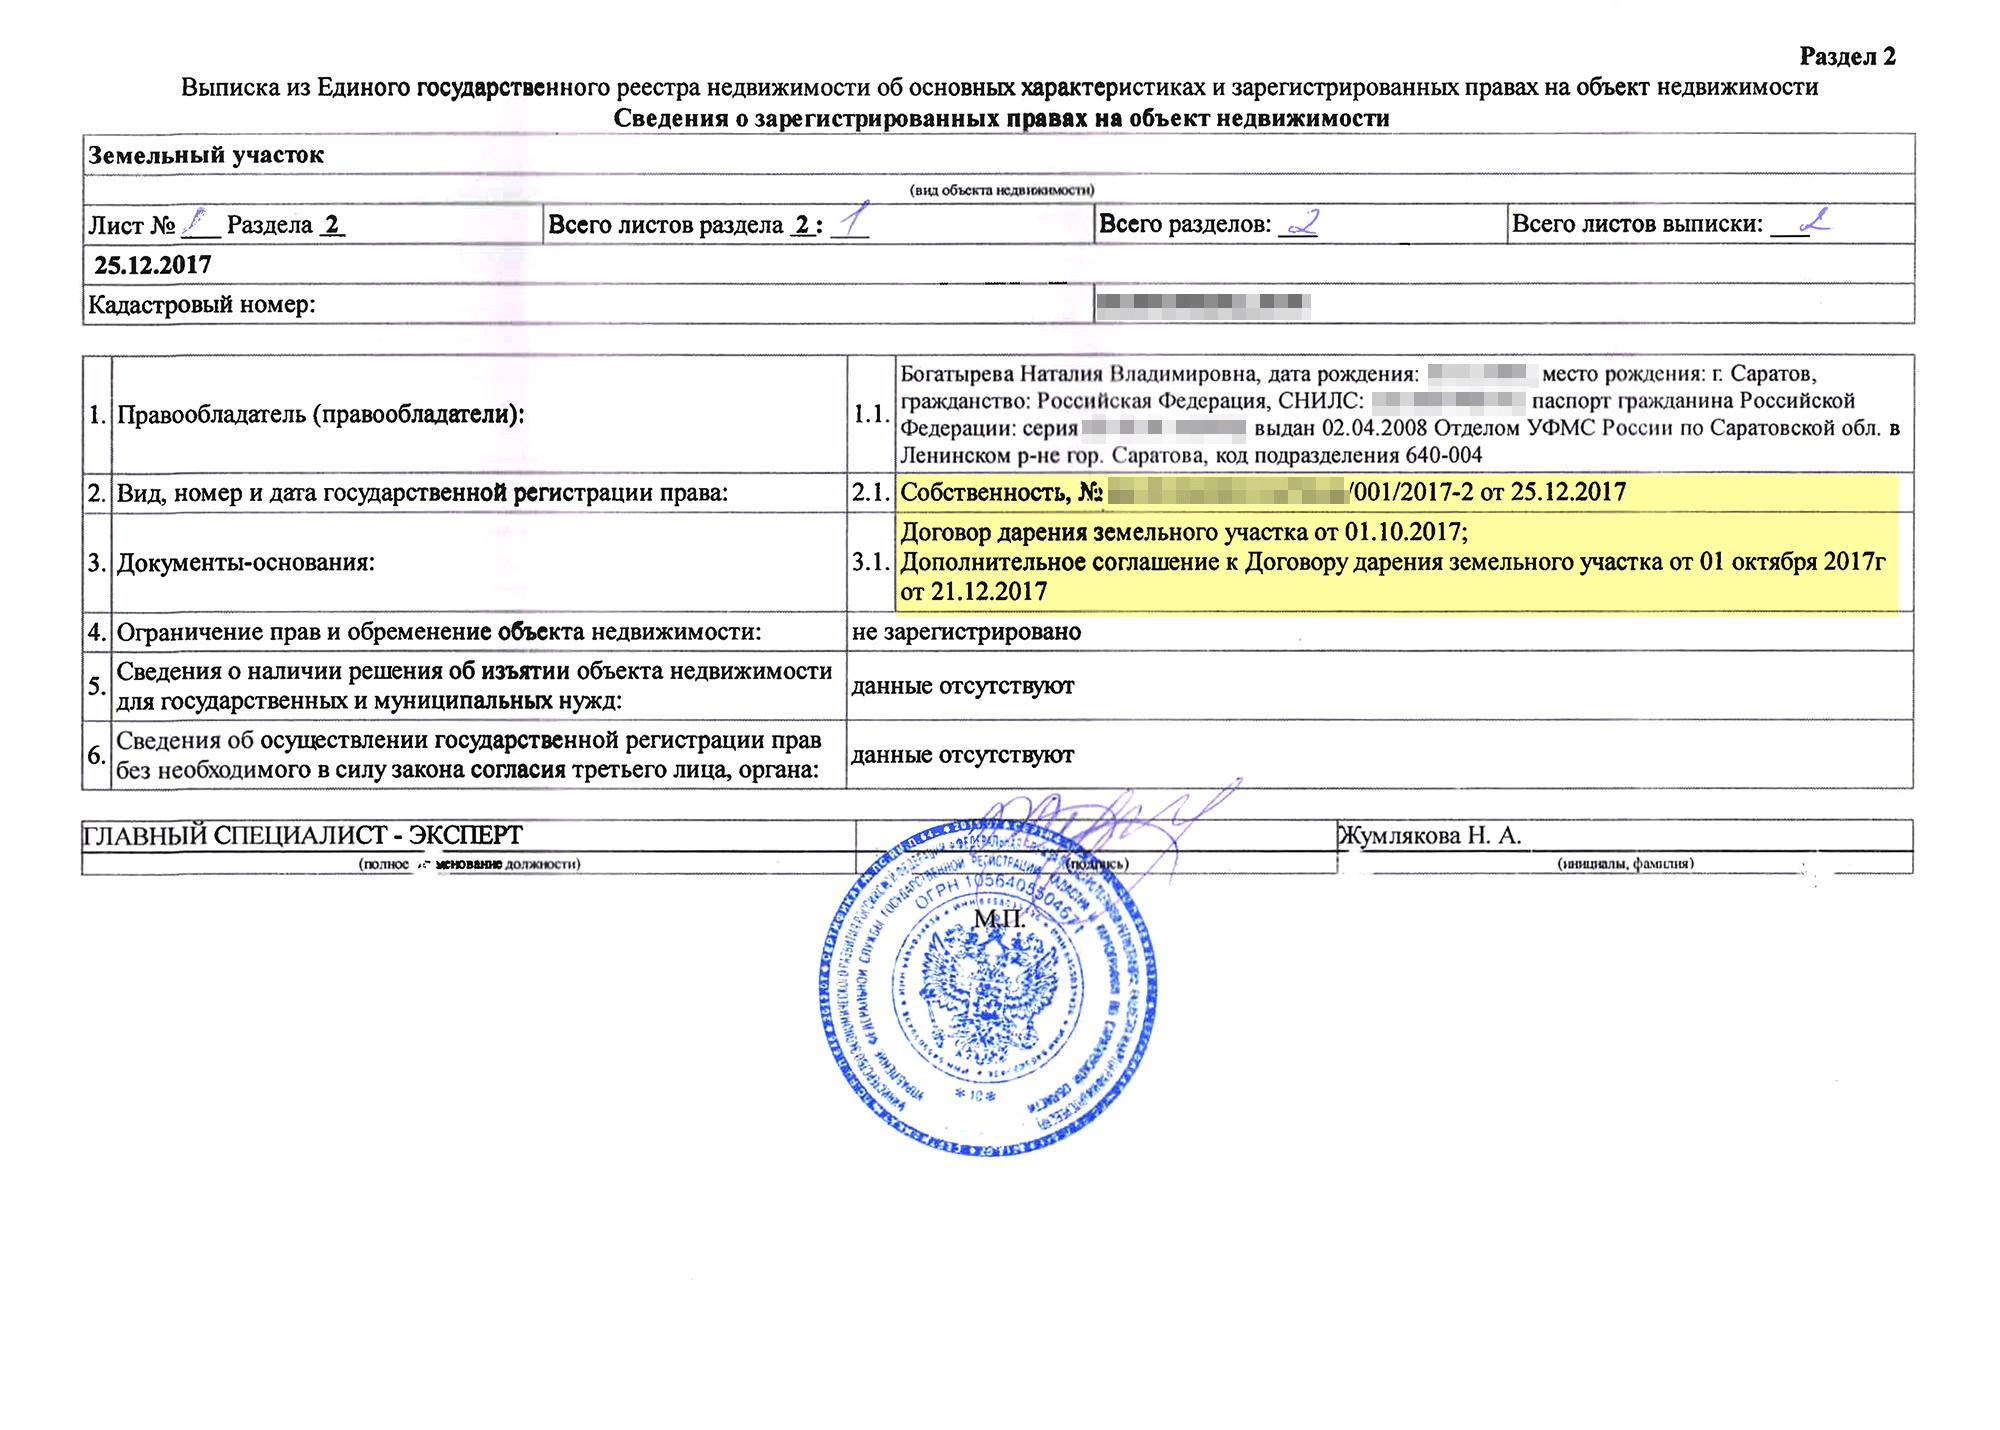 В выписке указано, когда возникло мое право собственности и на каком основании. Основание — это договор дарения с дополнительным соглашением